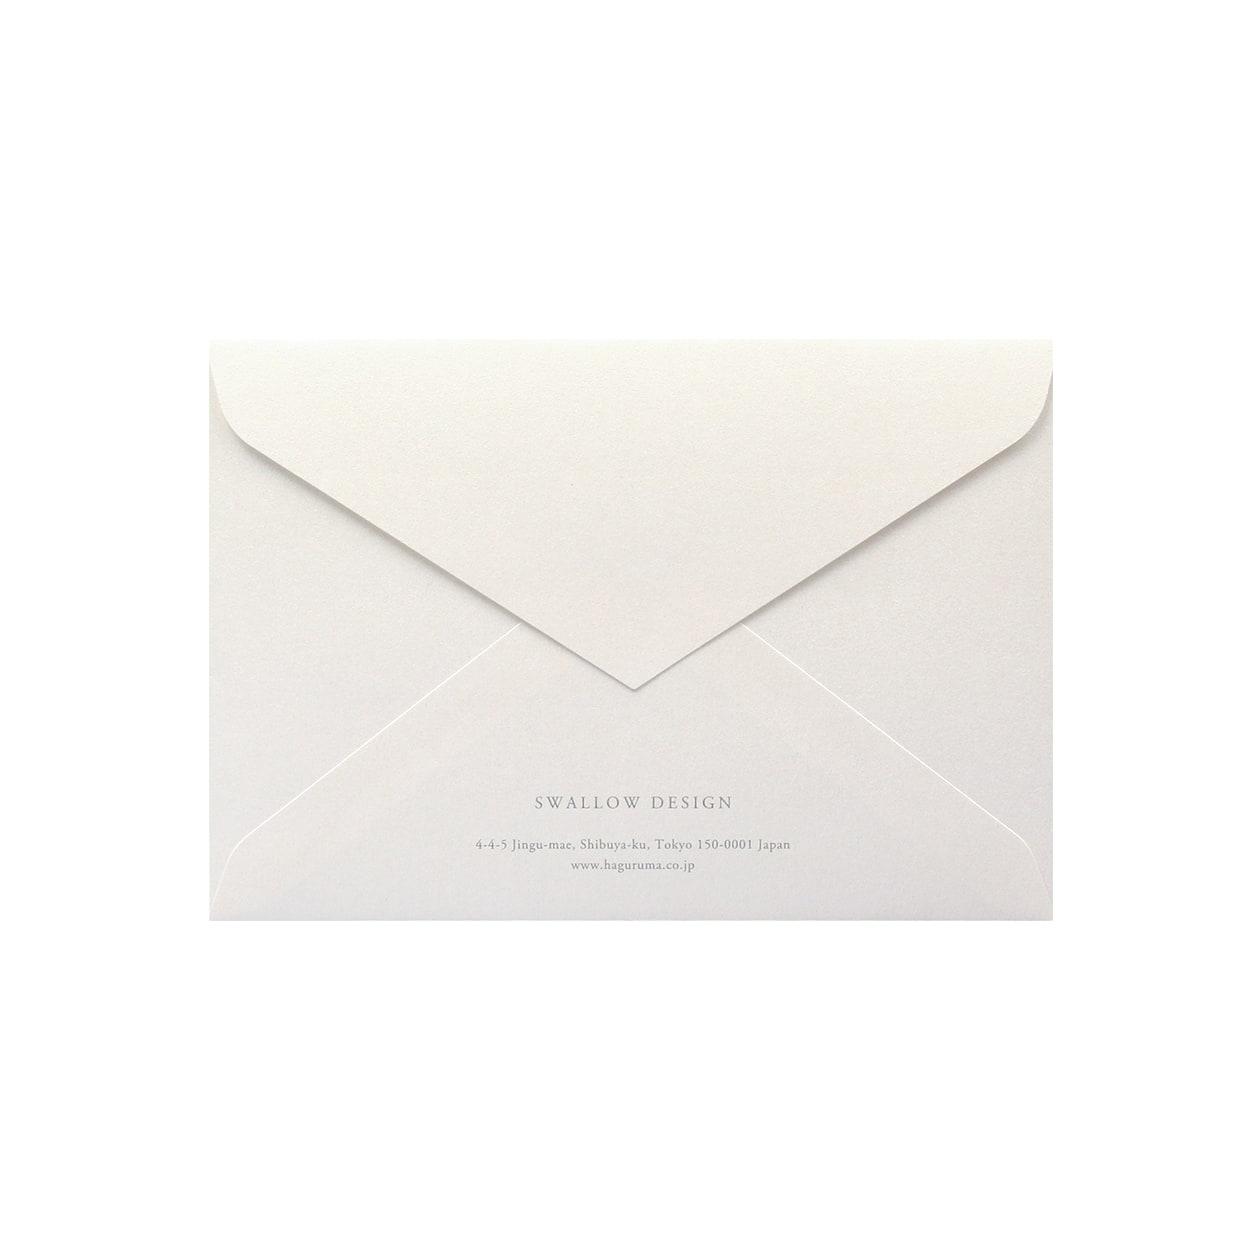 サンプル 封筒・袋 00138